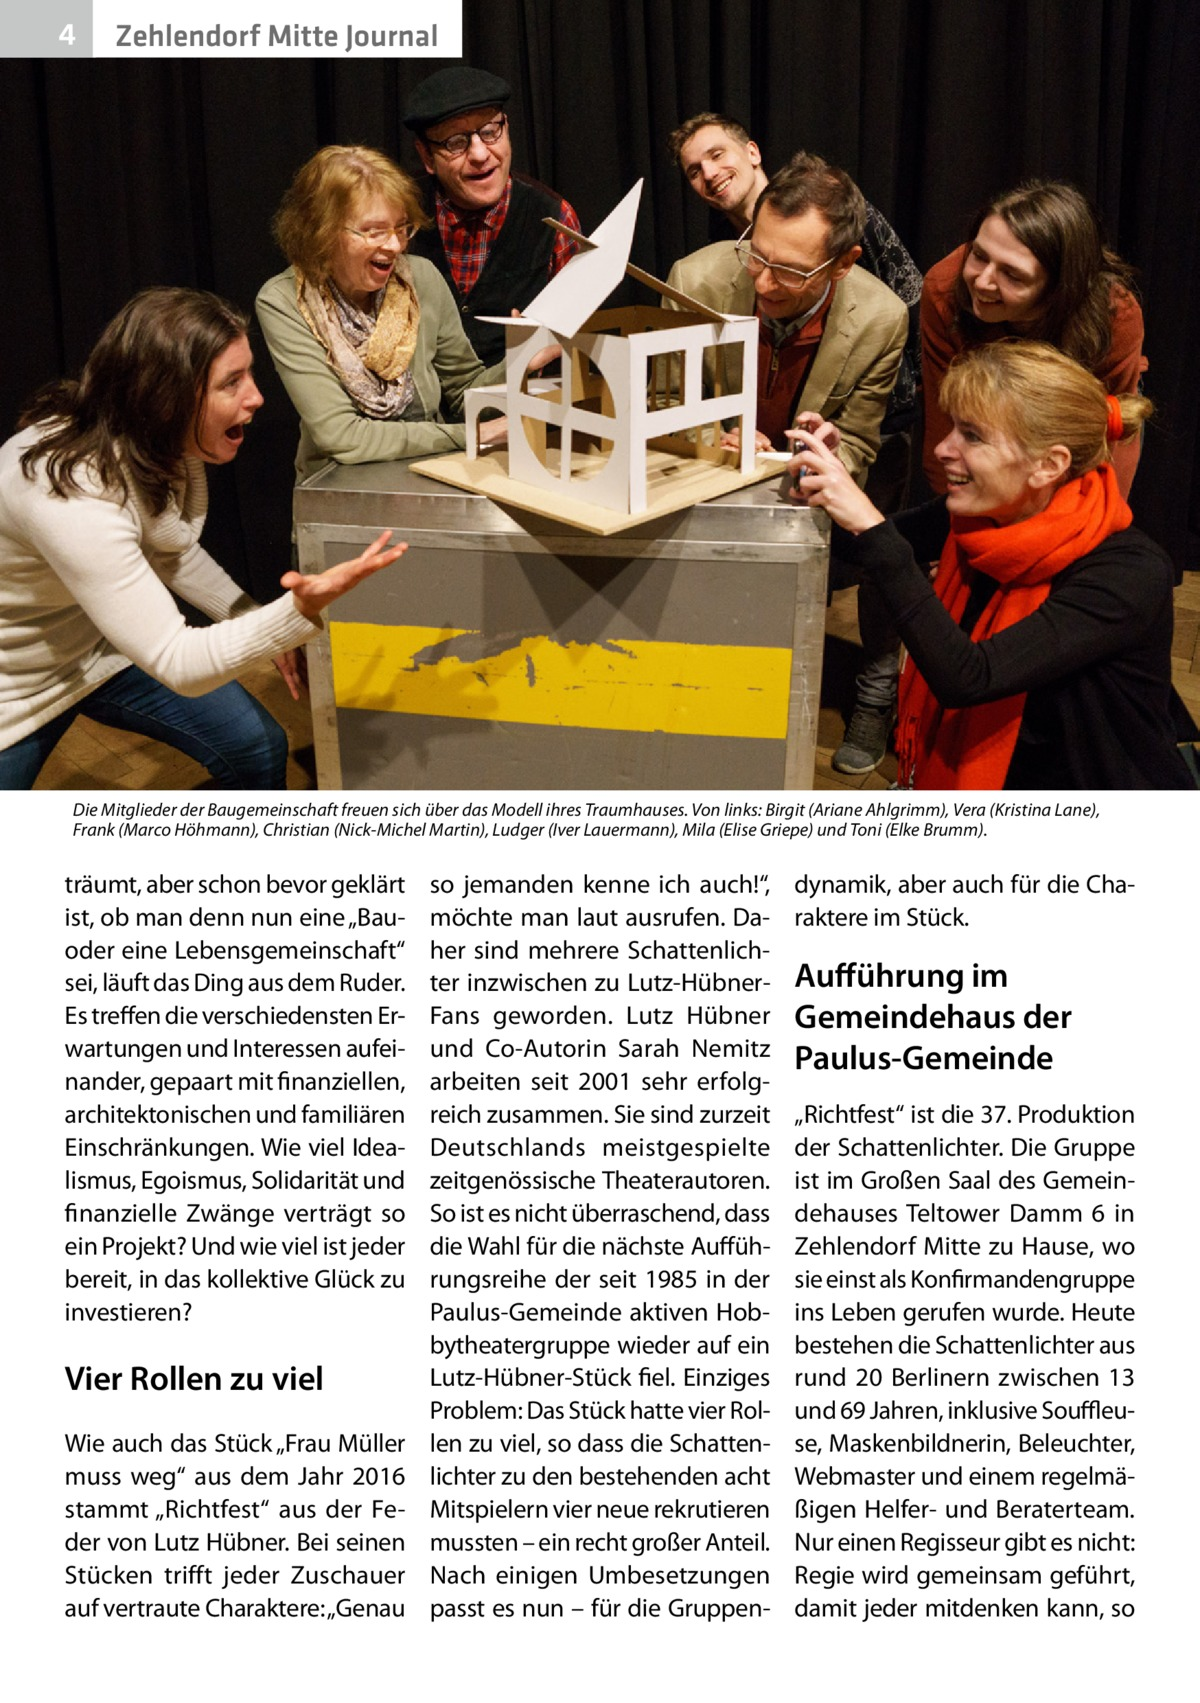 """4  Zehlendorf Mitte Journal  Die Mitglieder der Baugemeinschaft freuen sich über das Modell ihres Traumhauses. Von links: Birgit (Ariane Ahlgrimm), Vera (Kristina Lane), Frank (Marco Höhmann), Christian (Nick-Michel Martin), Ludger (Iver Lauermann), Mila (Elise Griepe) und Toni (Elke Brumm).  träumt, aber schon bevor geklärt ist, ob man denn nun eine """"Bauoder eine Lebensgemeinschaft"""" sei, läuft das Ding aus dem Ruder. Es treffen die verschiedensten Erwartungen und Interessen aufeinander, gepaart mit finanziellen, architektonischen und familiären Einschränkungen. Wie viel Idealismus, Egoismus, Solidarität und finanzielle Zwänge verträgt so ein Projekt? Und wie viel ist jeder bereit, in das kollektive Glück zu investieren?  Vier Rollen zu viel Wie auch das Stück """"Frau Müller muss weg"""" aus dem Jahr 2016 stammt """"Richtfest"""" aus der Feder von Lutz Hübner. Bei seinen Stücken trifft jeder Zuschauer auf vertraute Charaktere: """"Genau  so jemanden kenne ich auch!"""", möchte man laut ausrufen. Daher sind mehrere Schattenlichter inzwischen zu Lutz-HübnerFans geworden. Lutz Hübner und Co-Autorin Sarah Nemitz arbeiten seit 2001 sehr erfolgreich zusammen. Sie sind zurzeit Deutschlands meistgespielte zeitgenössische Theaterautoren. So ist es nicht überraschend, dass die Wahl für die nächste Aufführungsreihe der seit 1985 in der Paulus-Gemeinde aktiven Hobbytheatergruppe wieder auf ein Lutz-Hübner-Stück fiel. Einziges Problem: Das Stück hatte vier Rollen zu viel, so dass die Schattenlichter zu den bestehenden acht Mitspielern vier neue rekrutieren mussten – ein recht großer Anteil. Nach einigen Umbesetzungen passt es nun – für die Gruppen dynamik, aber auch für die Charaktere im Stück.  Aufführung im Gemeindehaus der Paulus-Gemeinde """"Richtfest"""" ist die 37. Produktion der Schattenlichter. Die Gruppe ist im Großen Saal des Gemeindehauses Teltower Damm 6 in Zehlendorf Mitte zu Hause, wo sie einst als Konfirmandengruppe ins Leben gerufen wurde. Heute bestehen die Schattenlichter aus rund 20"""